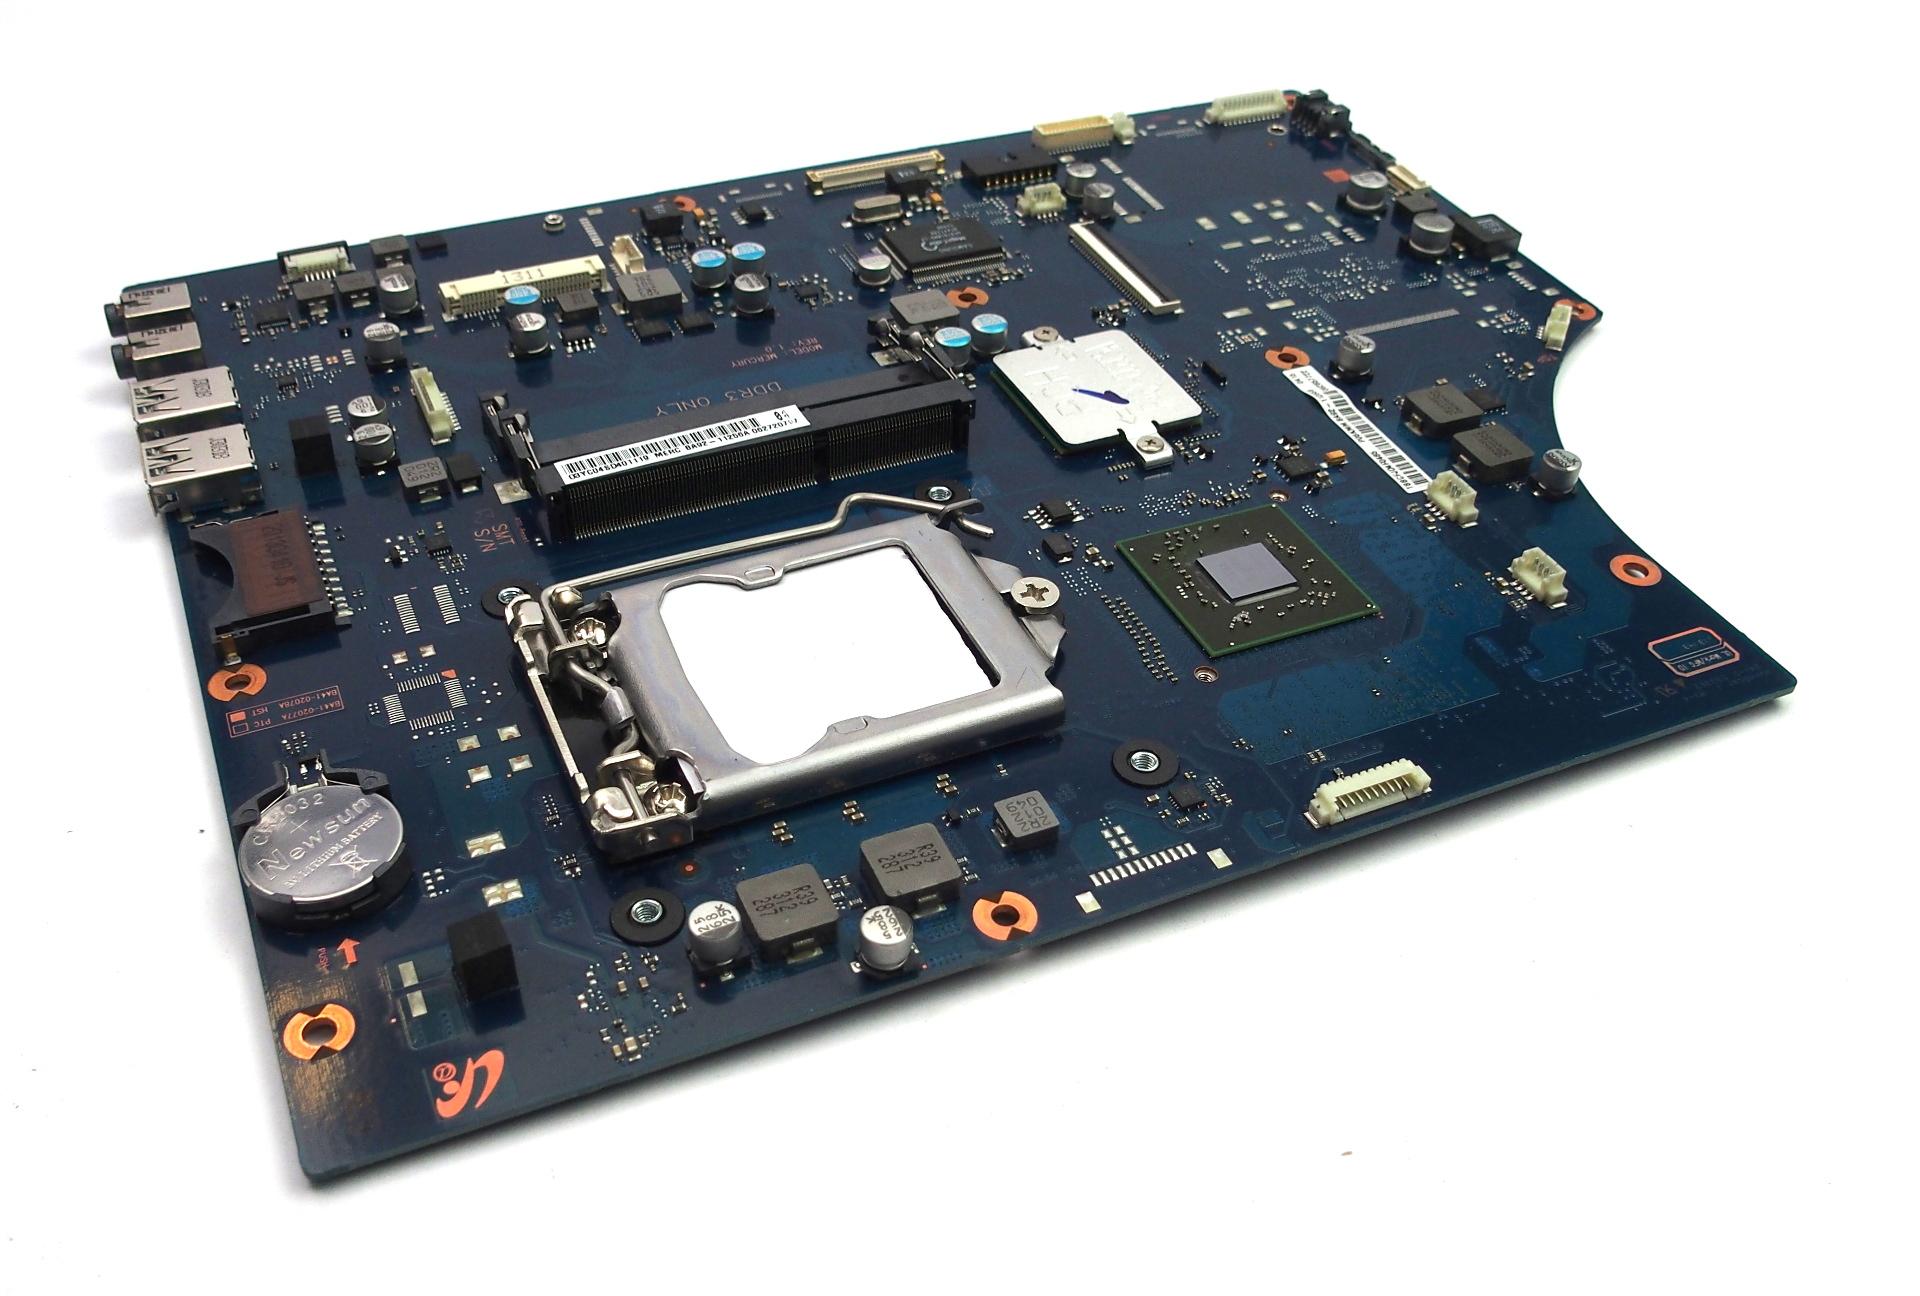 BA92-11256 Samsung Socket LGA1155 Motherboard /f DP700A3D AiO PC / Mercury